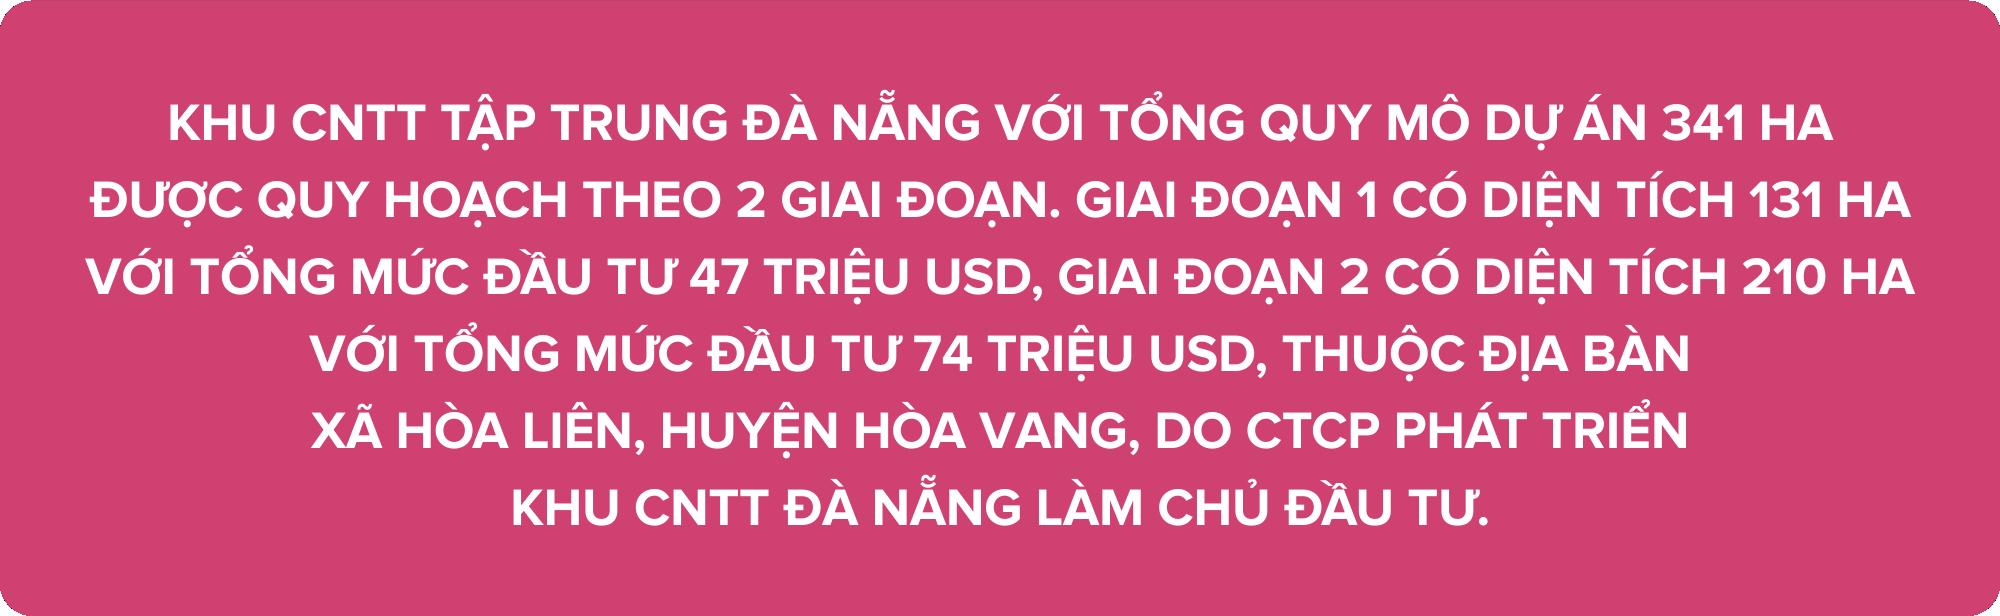 """Tham vọng biến khu đất cằn cỗi thành """"thung lũng Silicon"""" của Trungnam Group ở Đà Nẵng - Ảnh 16."""